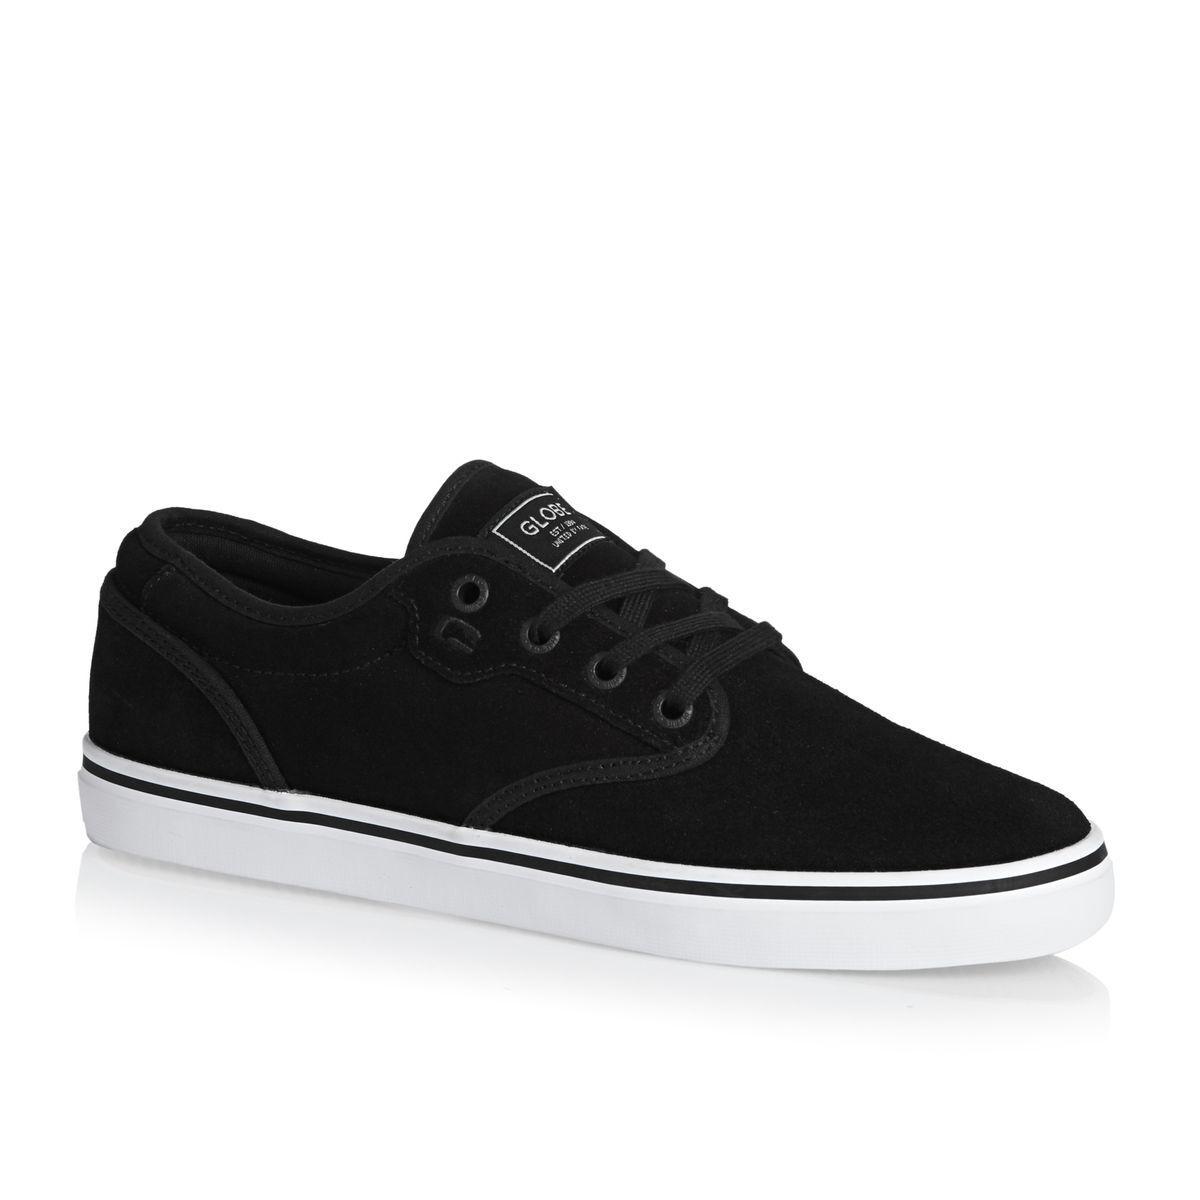 Zapatos zapatos Globe Suede Modello Motley Colore Negro Suede Globe N° 42.5 US hombre 9.5 cm 27.5 08ec0d